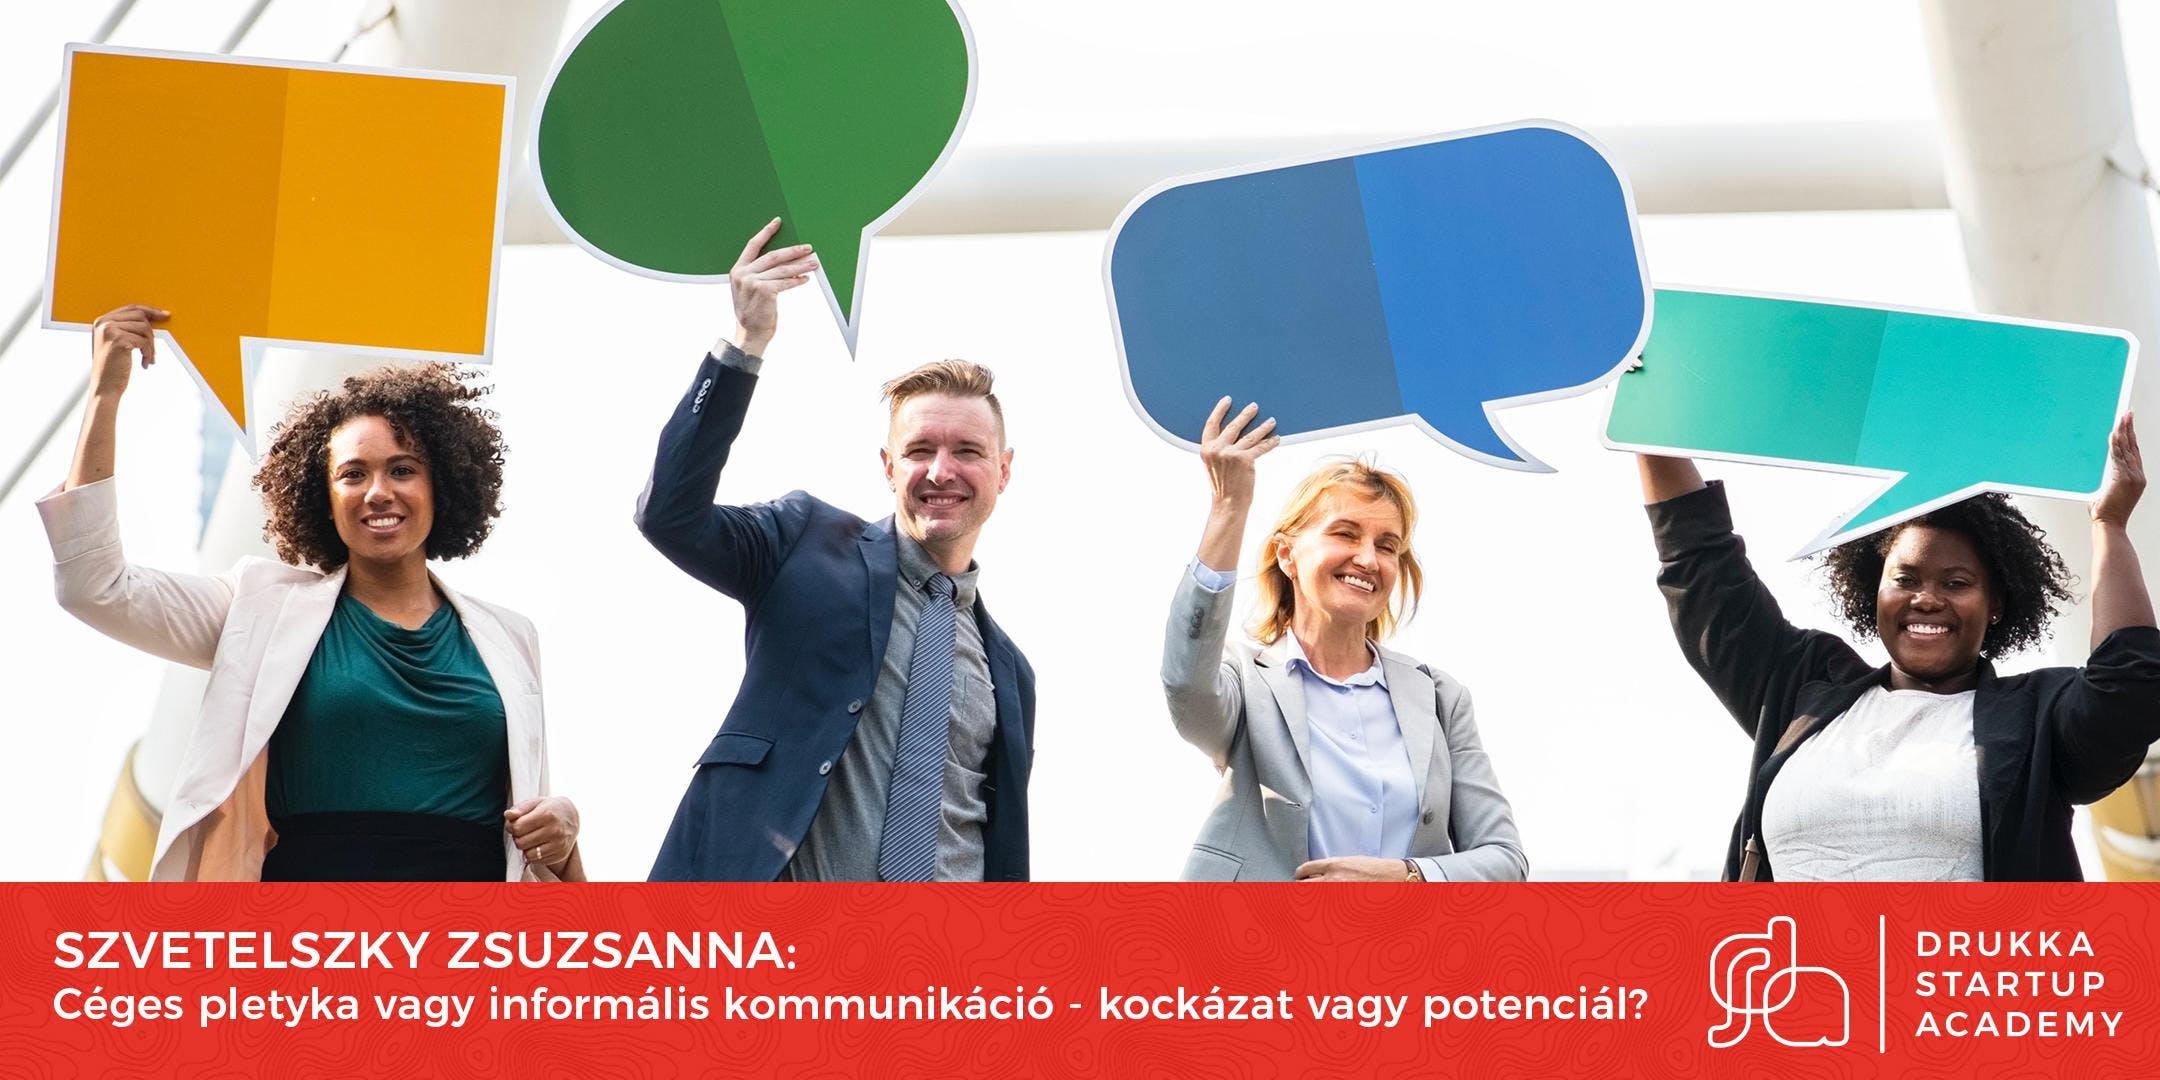 Startup Academy, Szvetelszky Zsuzsanna: Céges